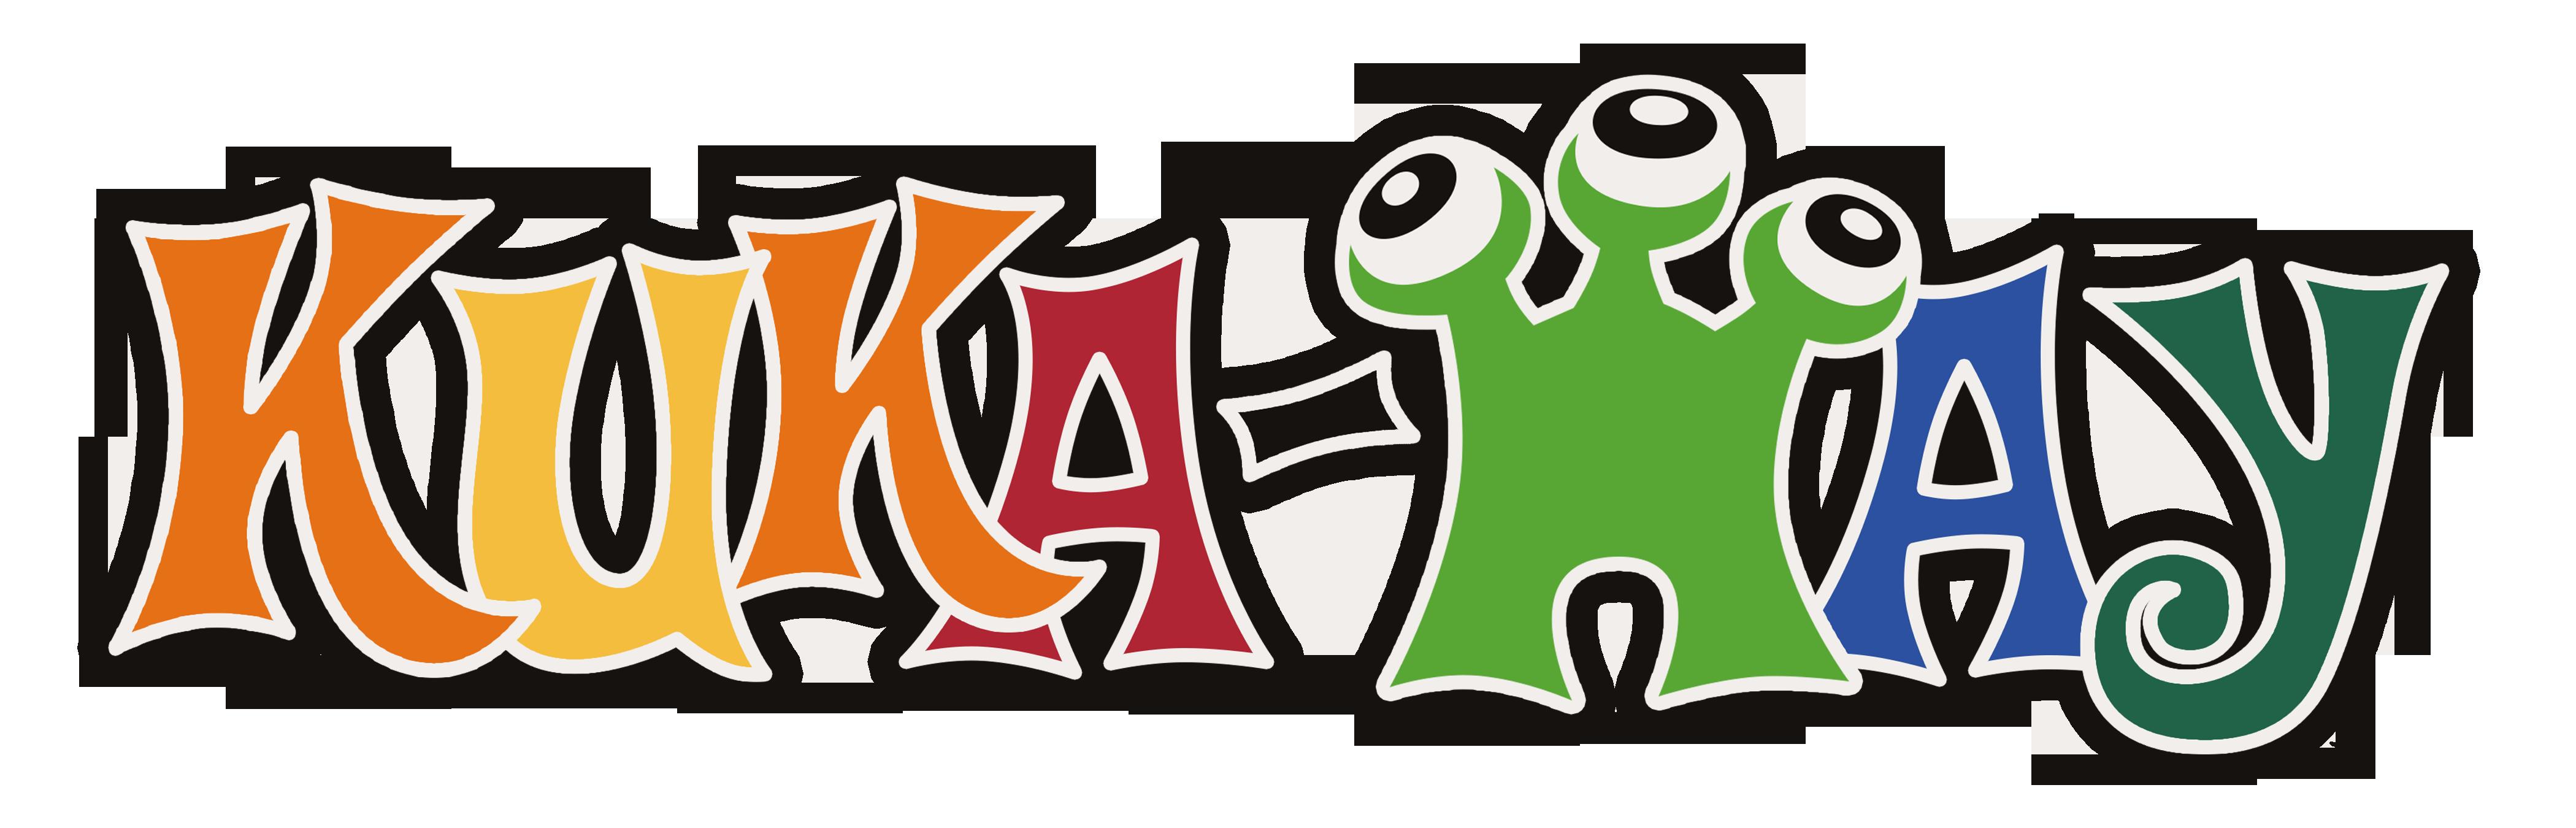 Kuka-Way